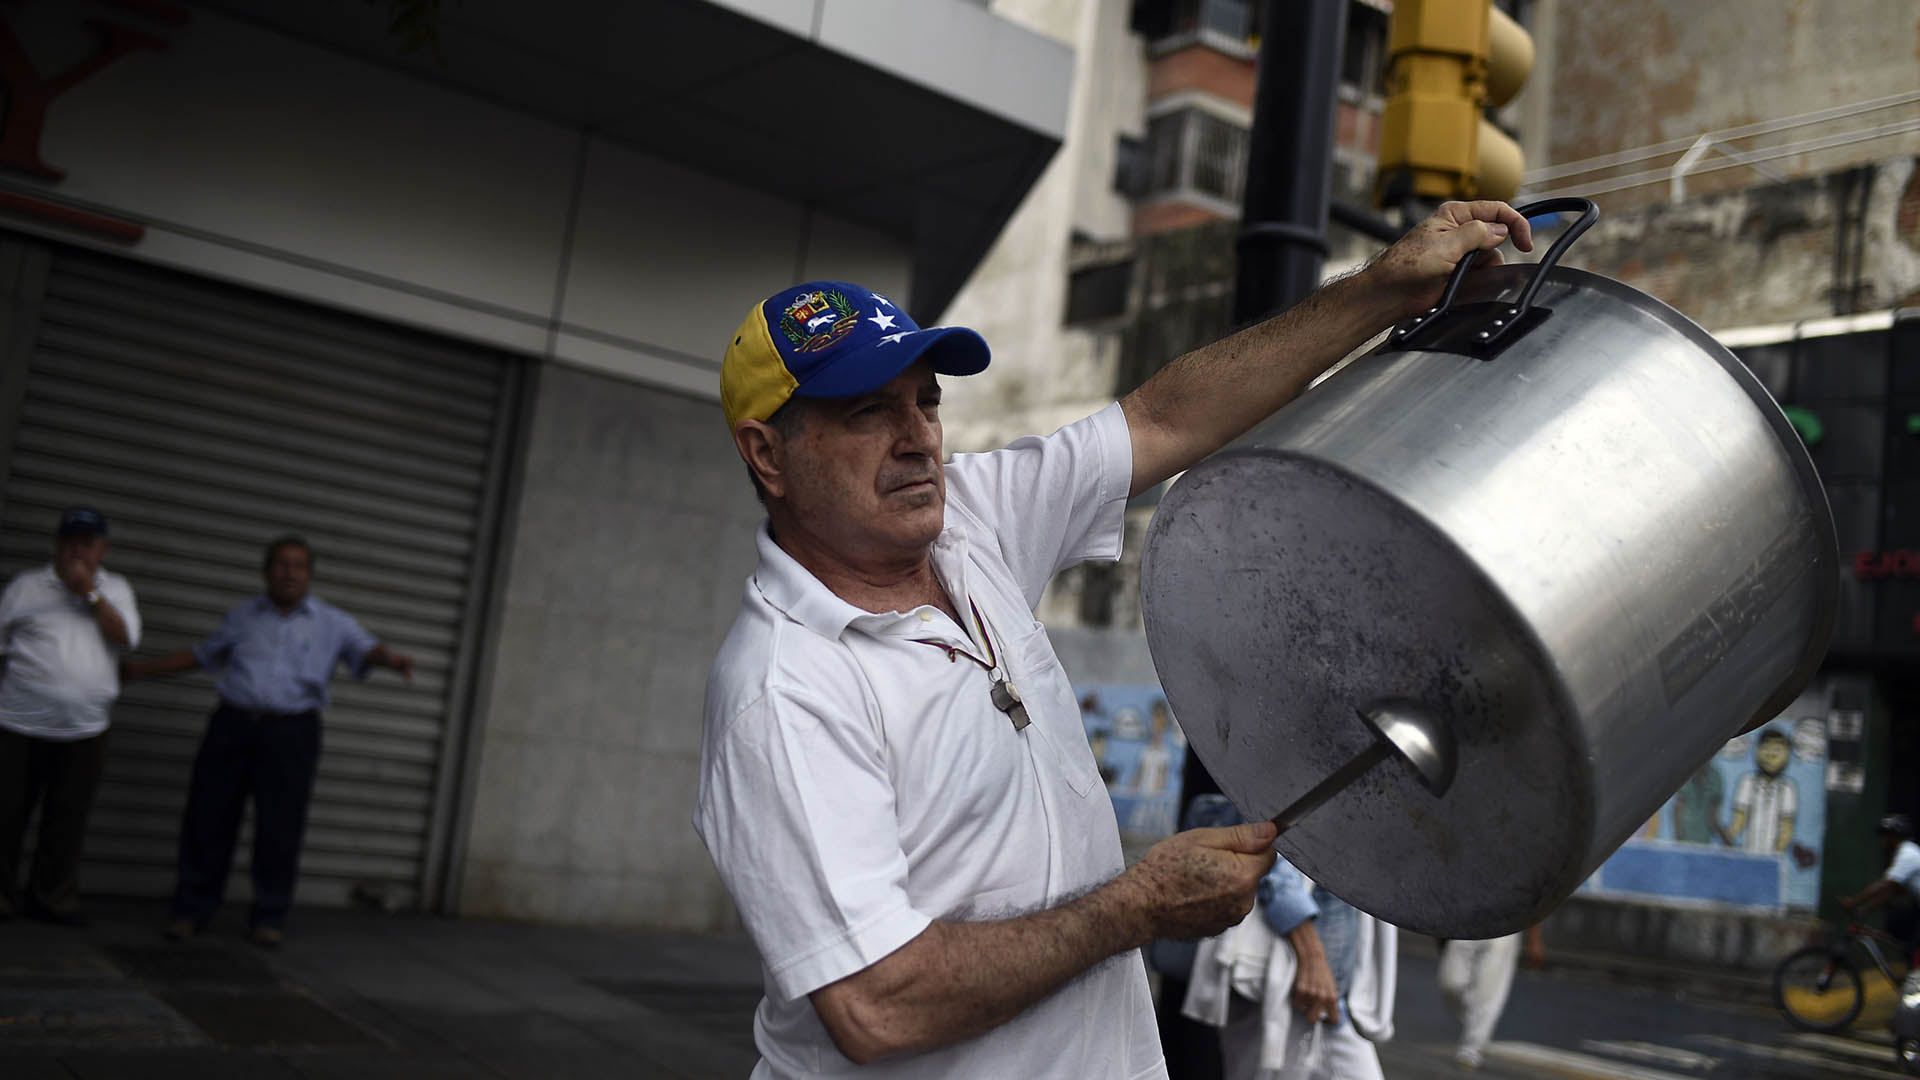 En la víspera de estas acciones, en barrios pobres de Caracas se escucharon durante horas el sonido de las cacerolas y muchos salieron a las calles a formar barricadas con basura y neumáticos incendiados. Esas protestas fueron reprimidas por cuerpos de seguridad